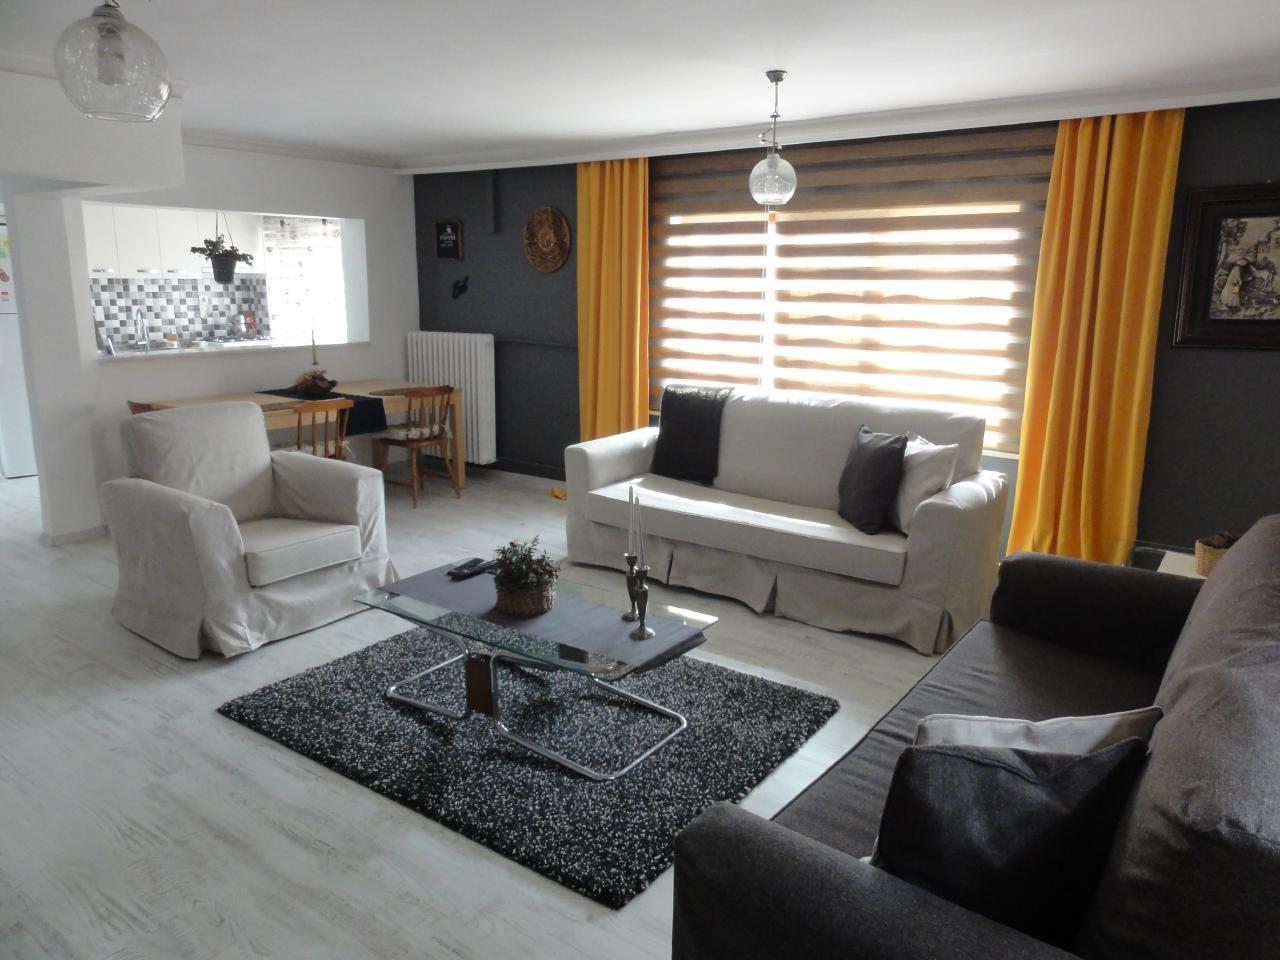 Ferienwohnung Evodak Apartment D 2 (1710501), Balgat, , Zentralanatolien, Türkei, Bild 7